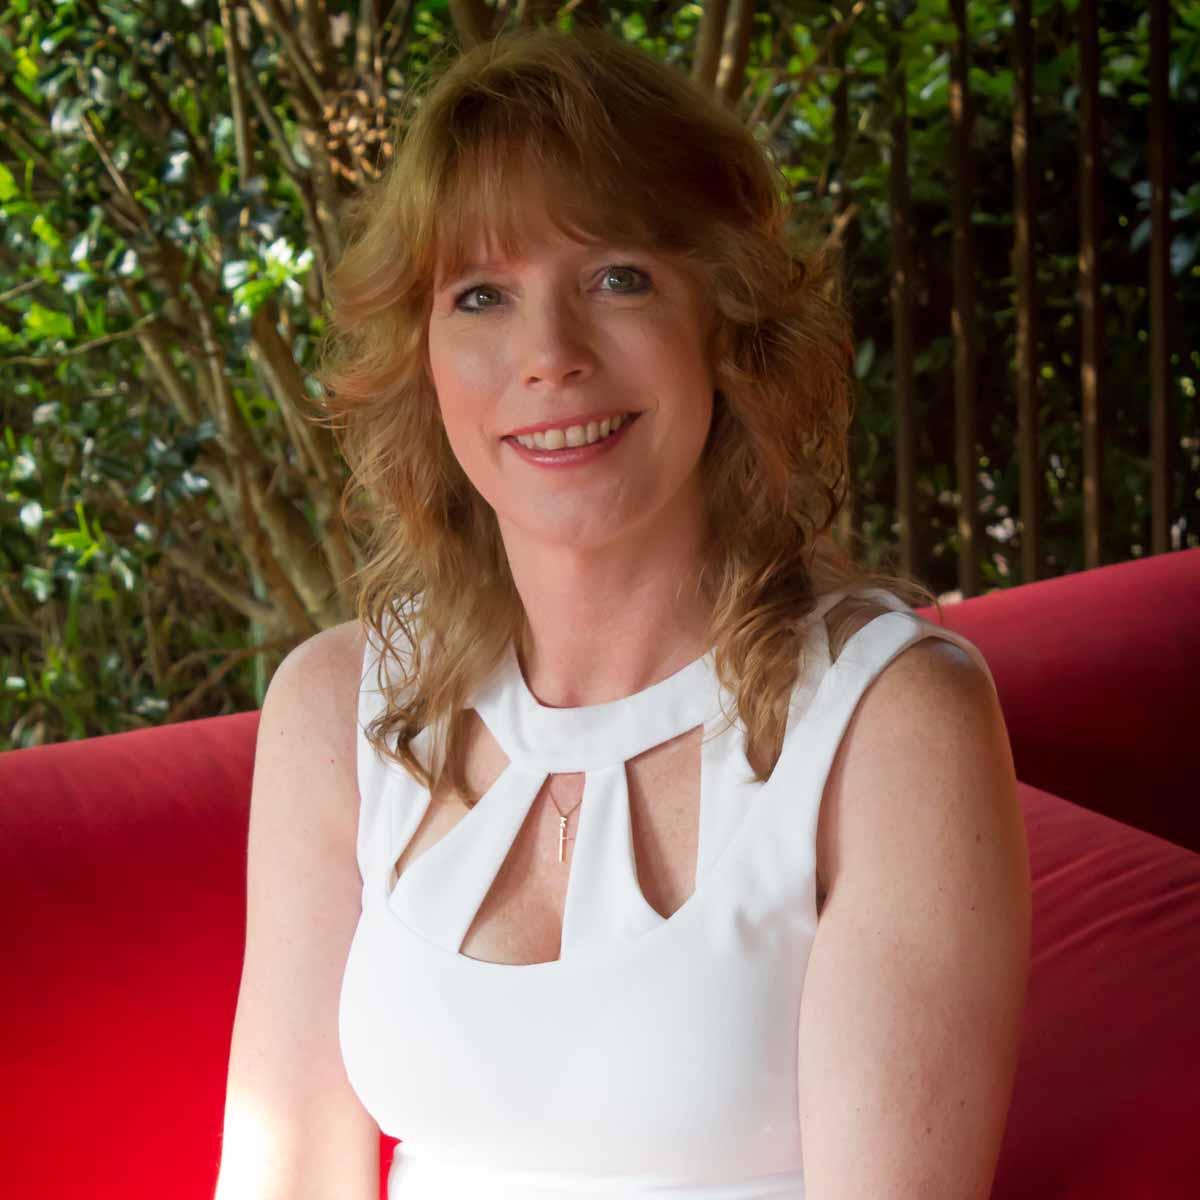 Deborah S. Eaton